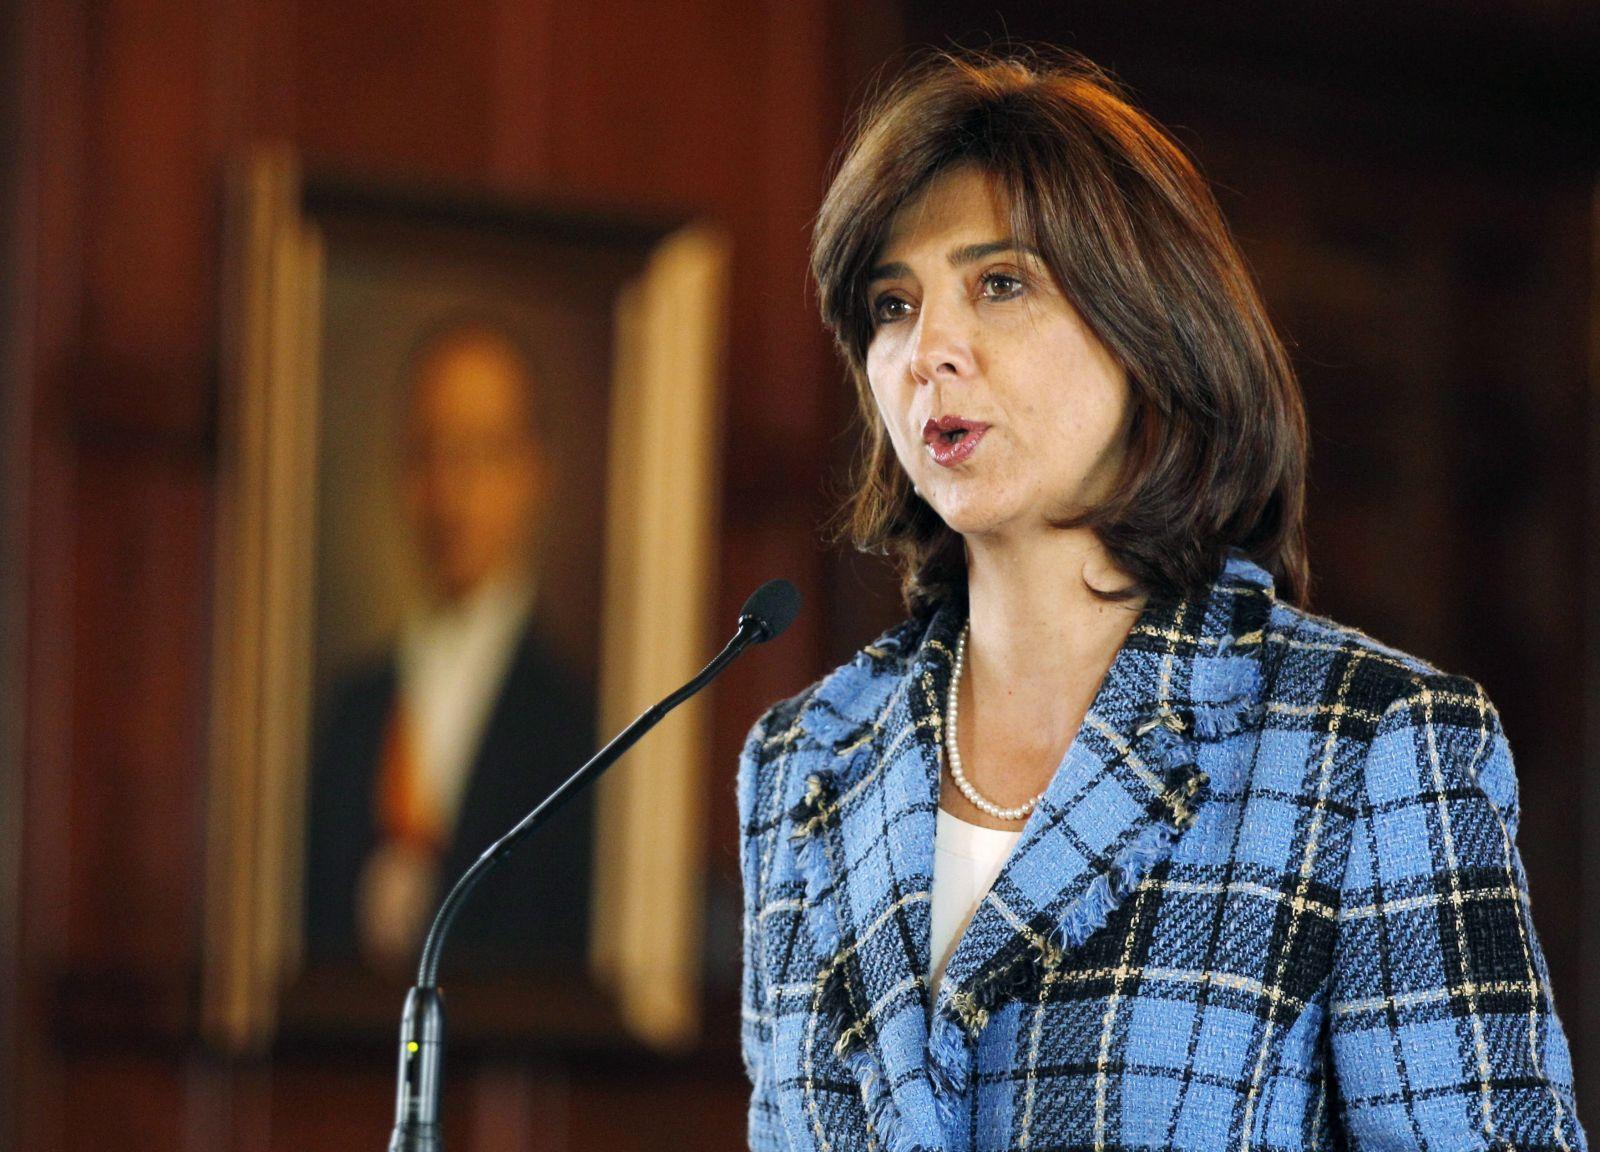 Kolumbiyanın xarici işlər naziri Azərbaycana gəlib